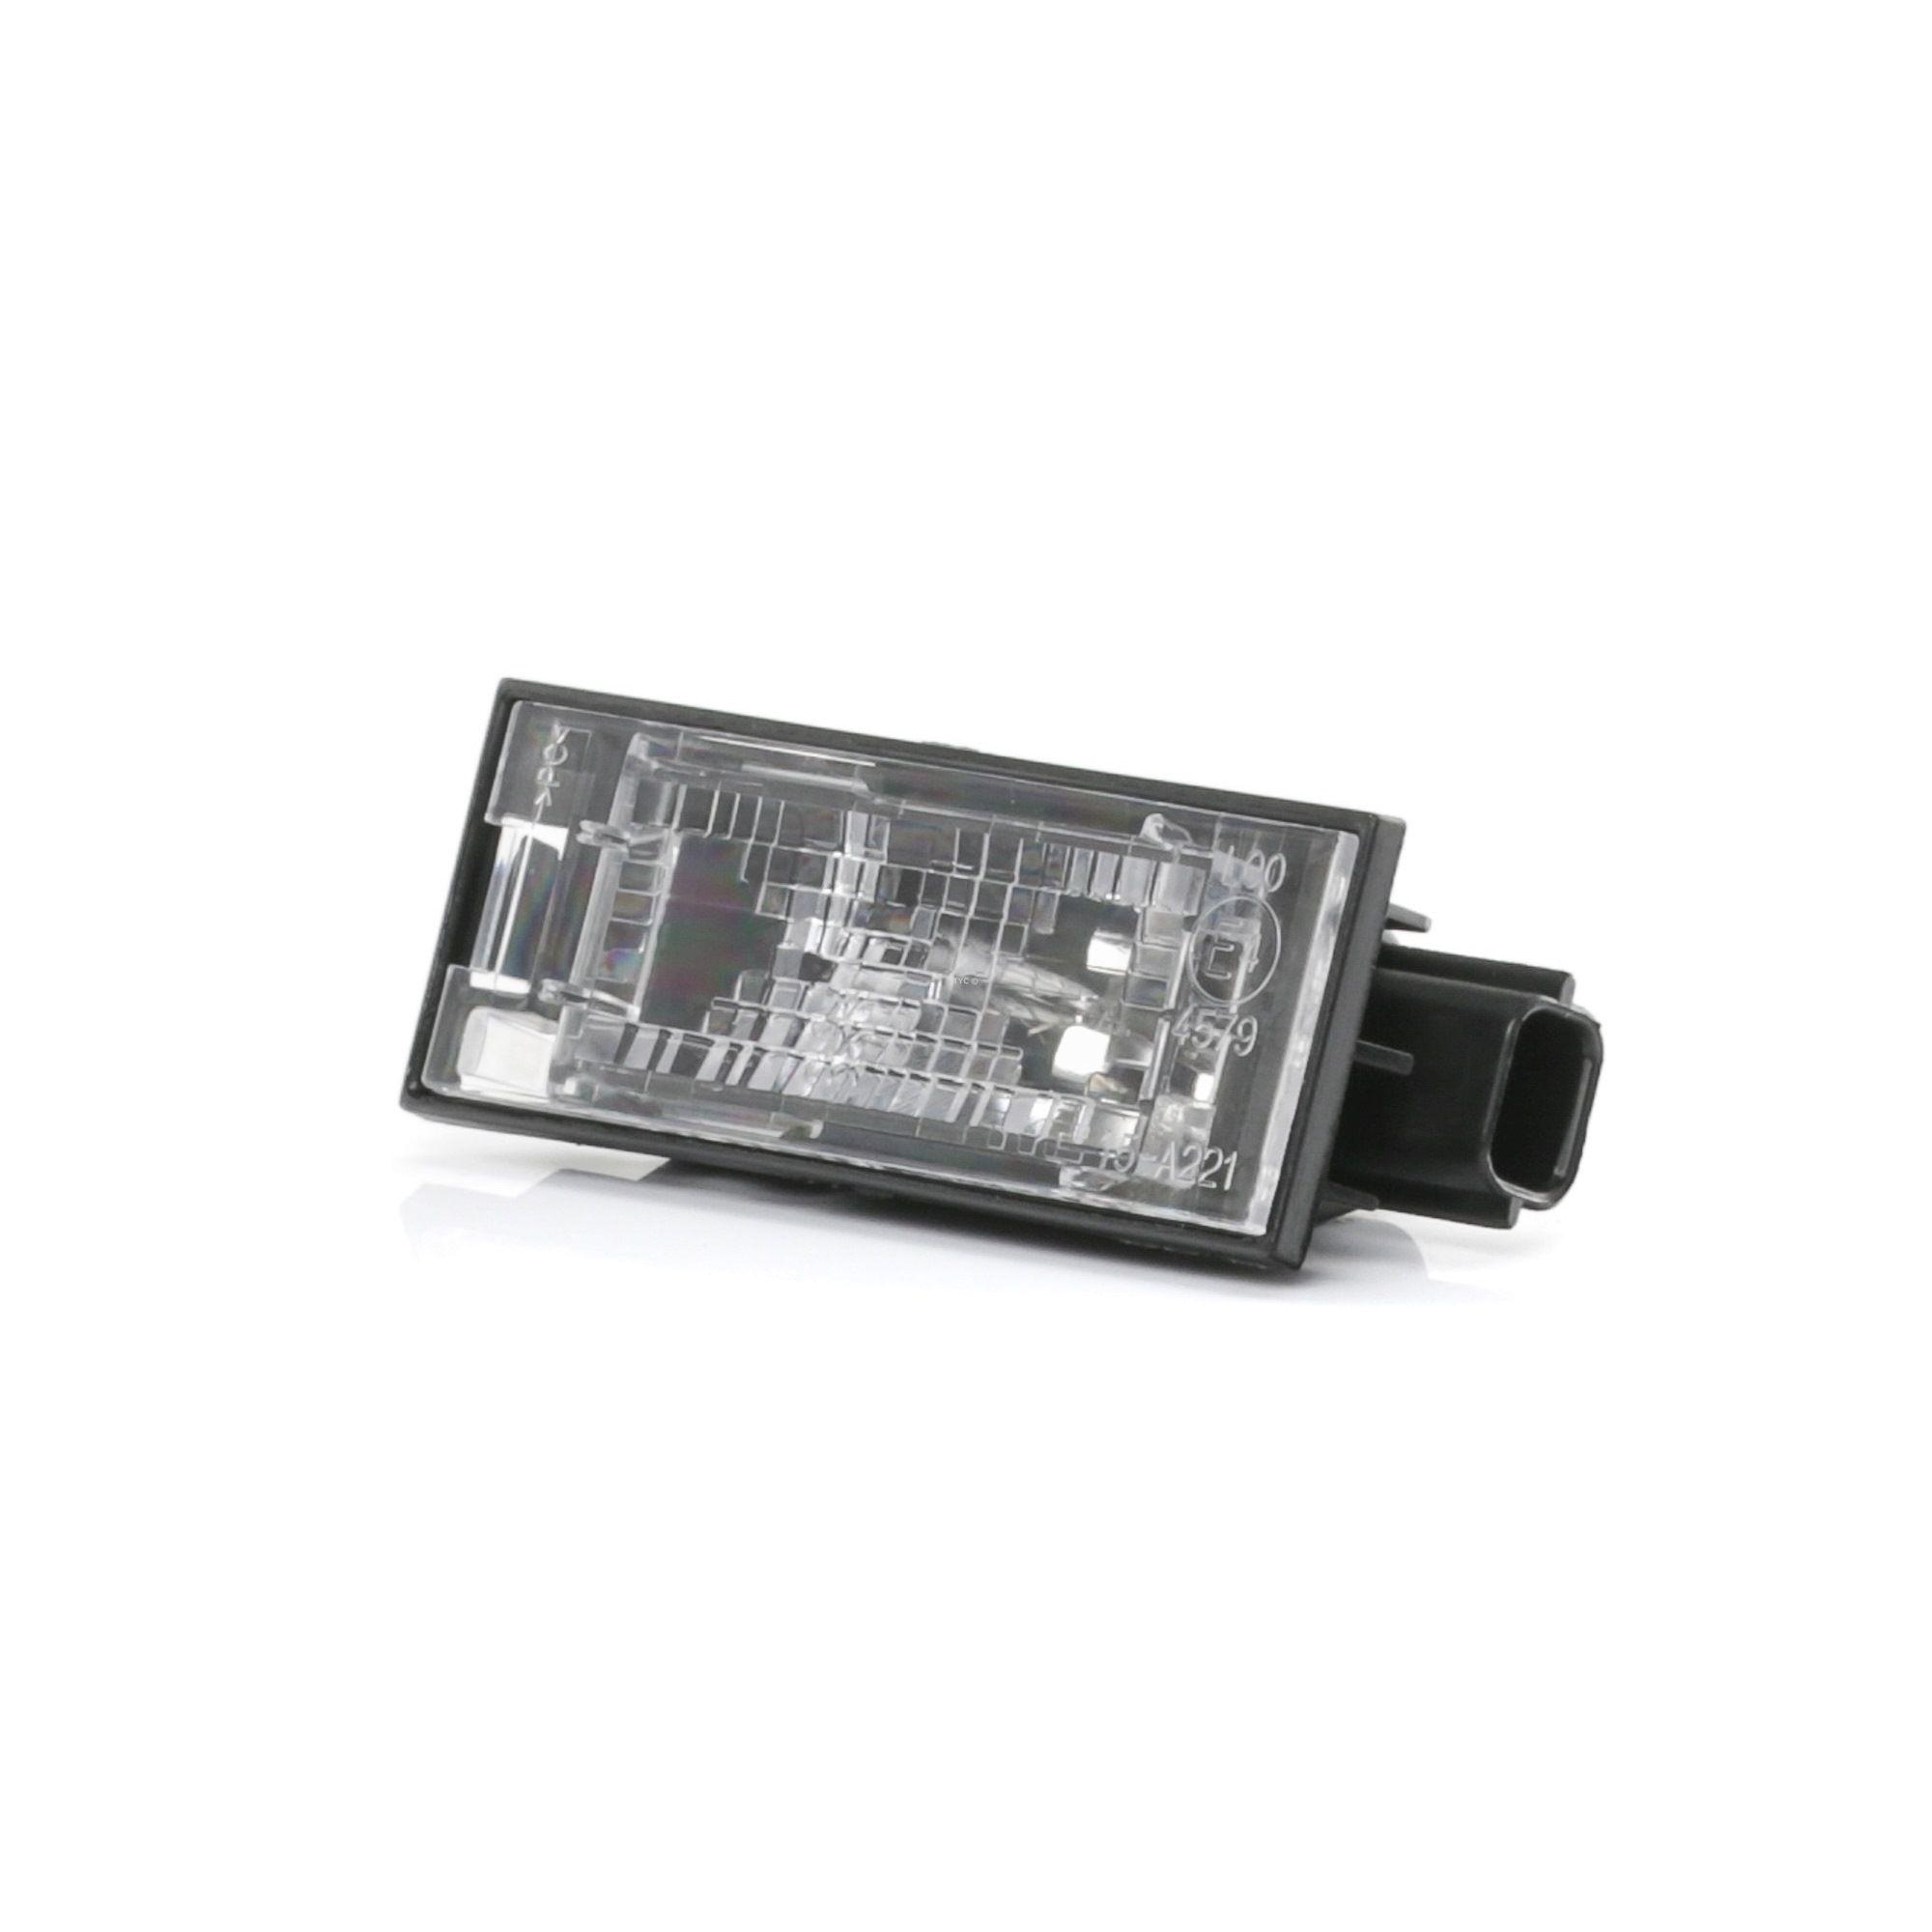 Nummernschildbeleuchtung TYC 15-0221-00-2